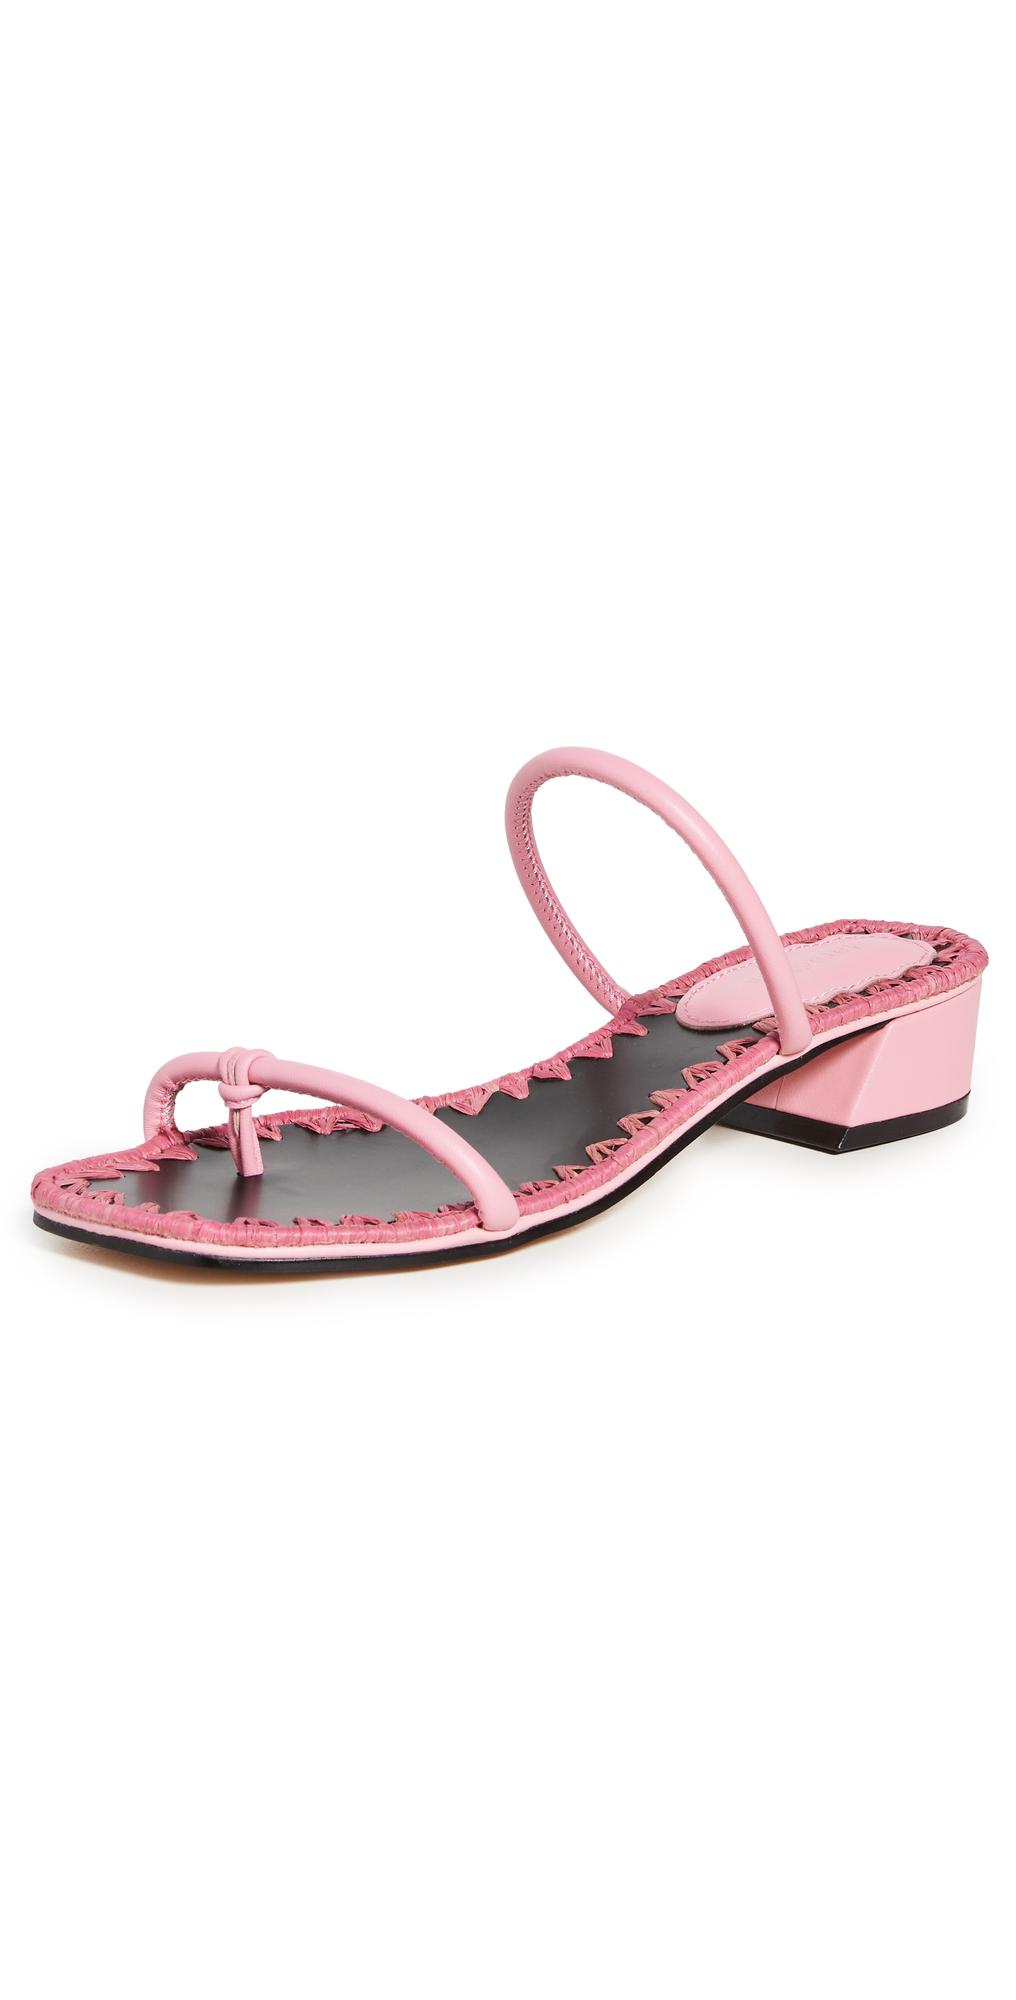 Inez Sandals